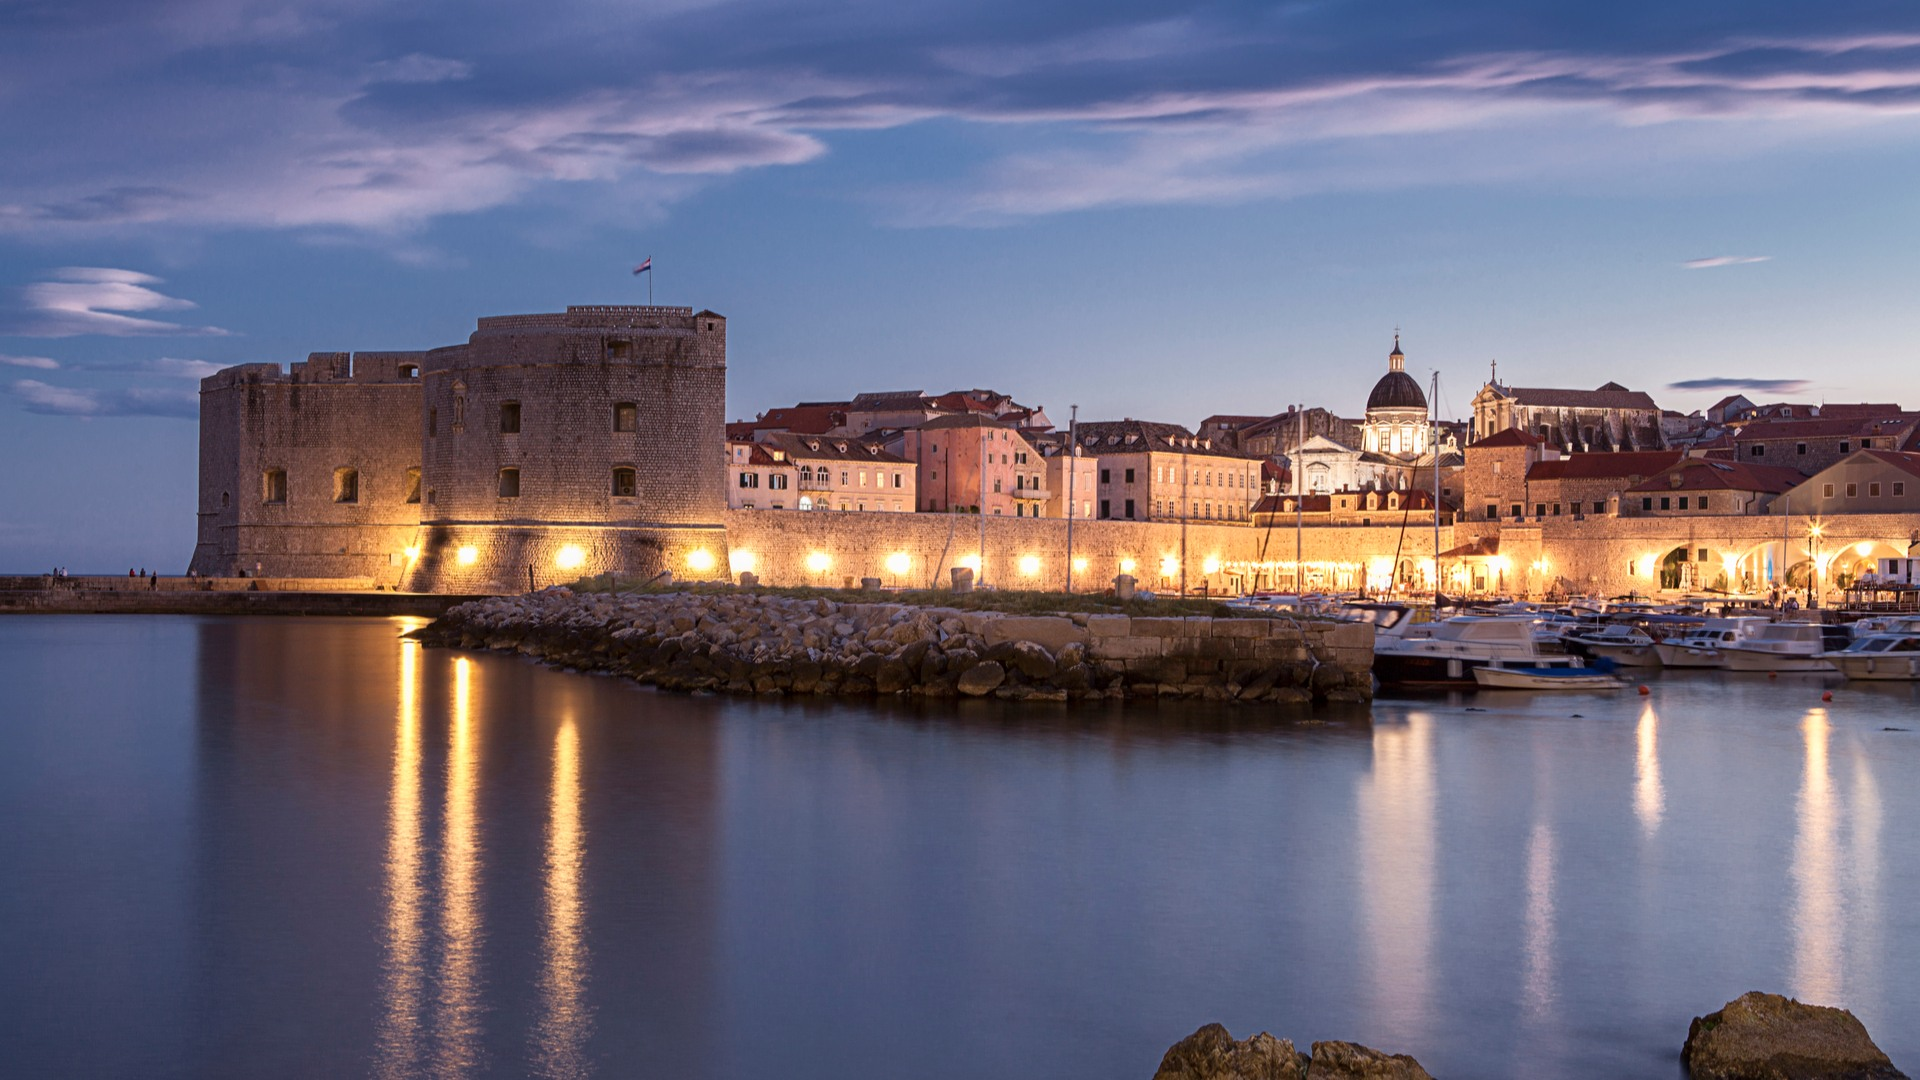 """Puerto de Duborvnik, unos de los escenarios de """"Desembarco del rey"""" en Juegos de Tronos"""